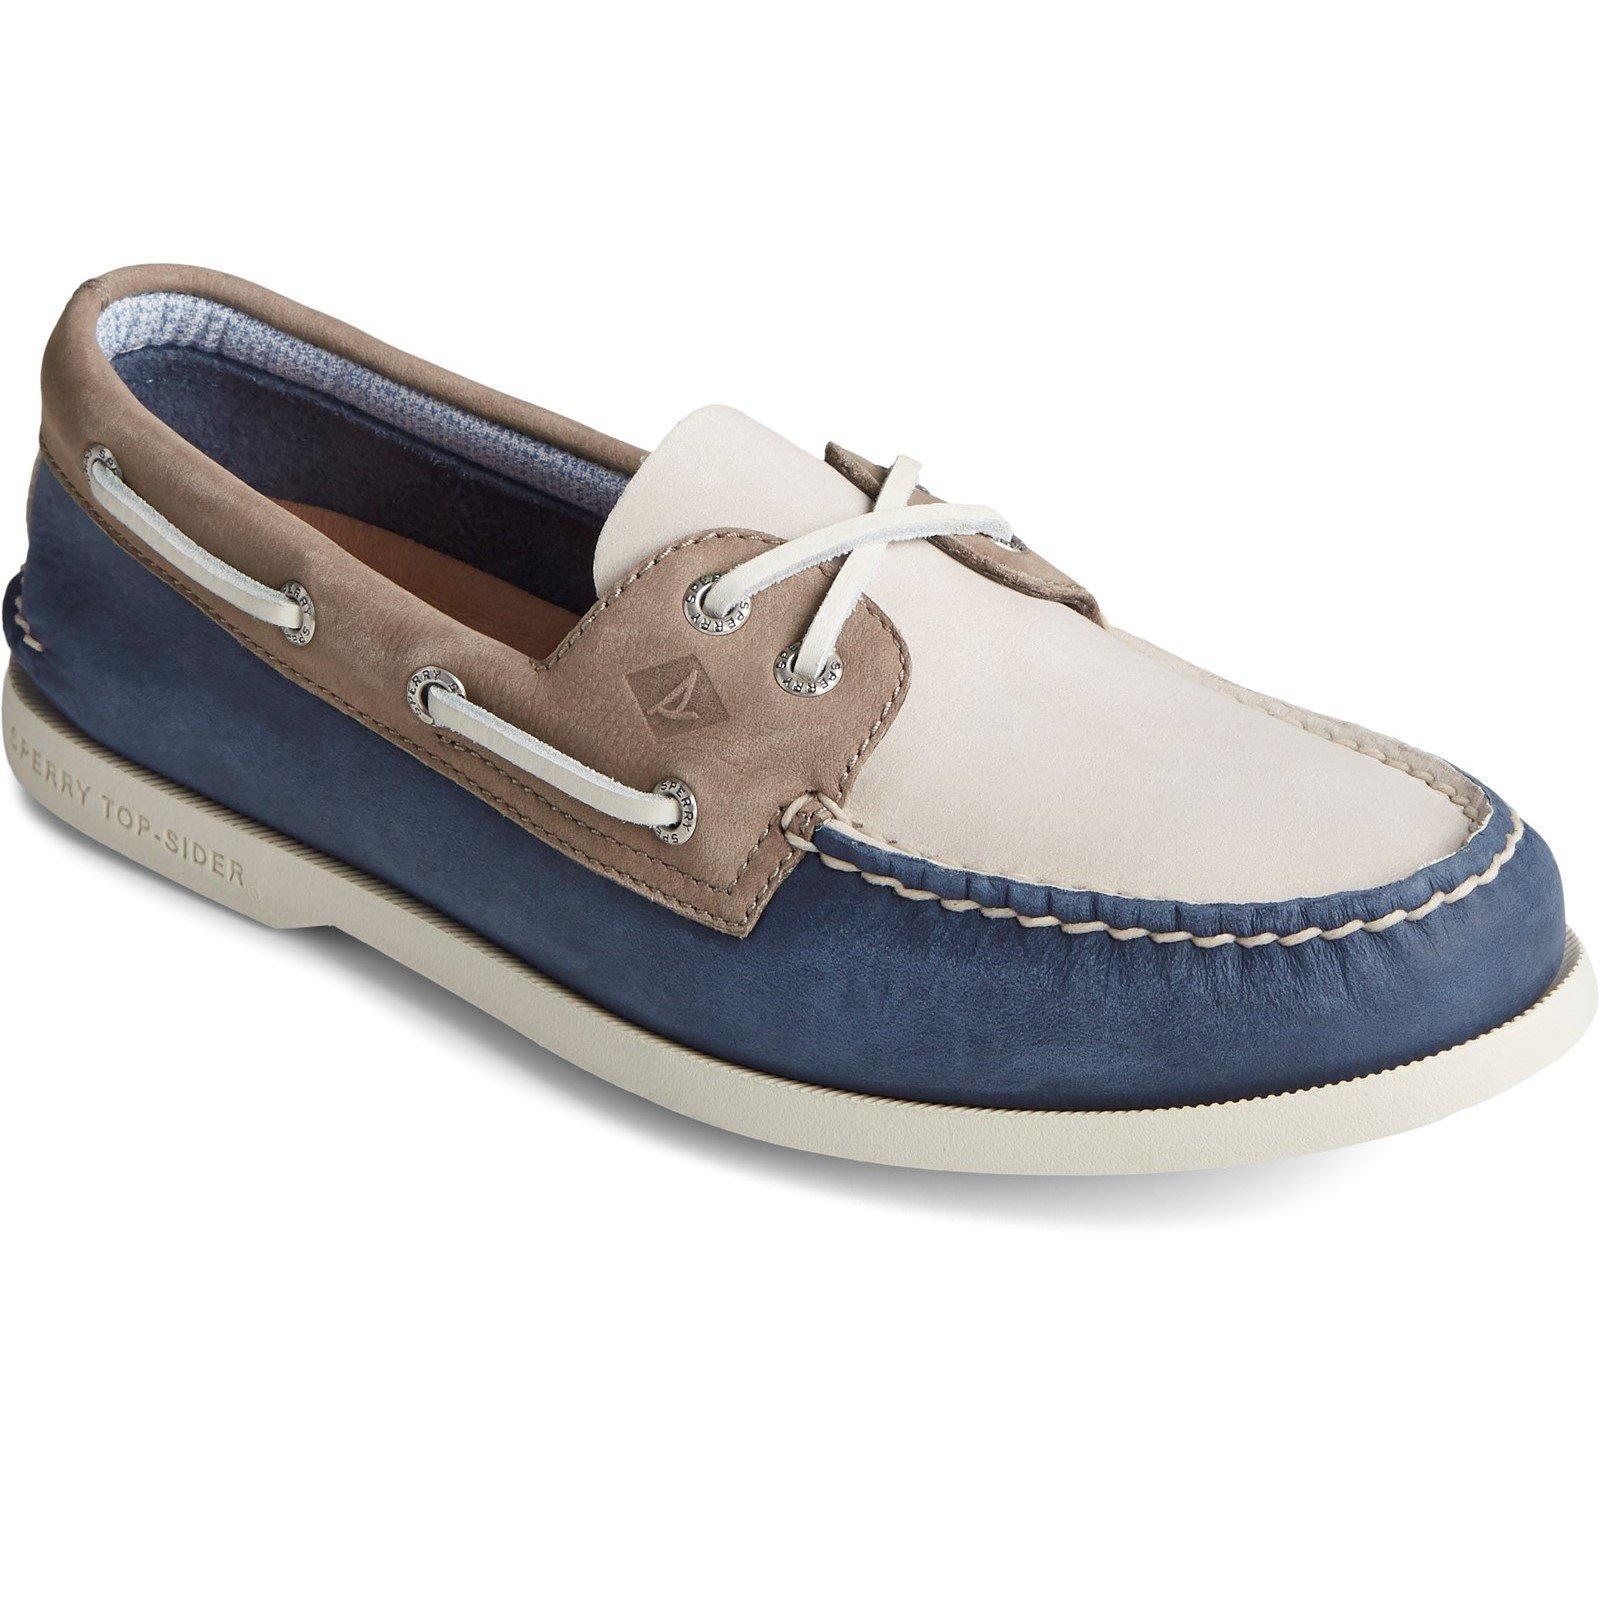 Sperry Men's Authentic Original PLUSHWAVE Boat Shoe Various Colours 31525 - Multicoloured 11